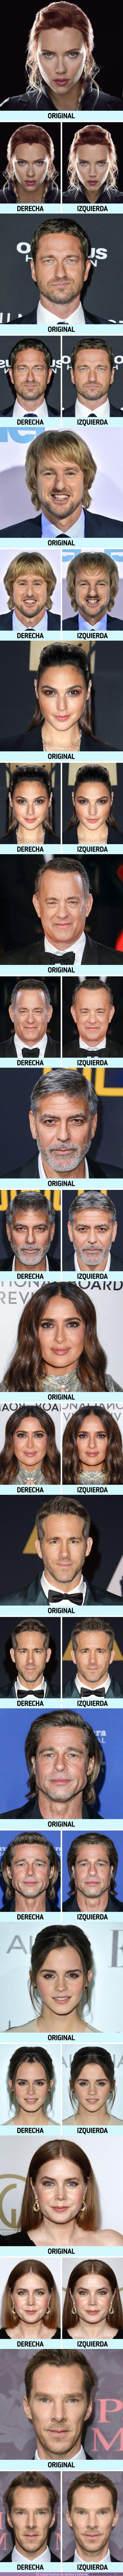 73146 - GALERÍA: Así se verían estos famosos si sus caras fueran simétricas